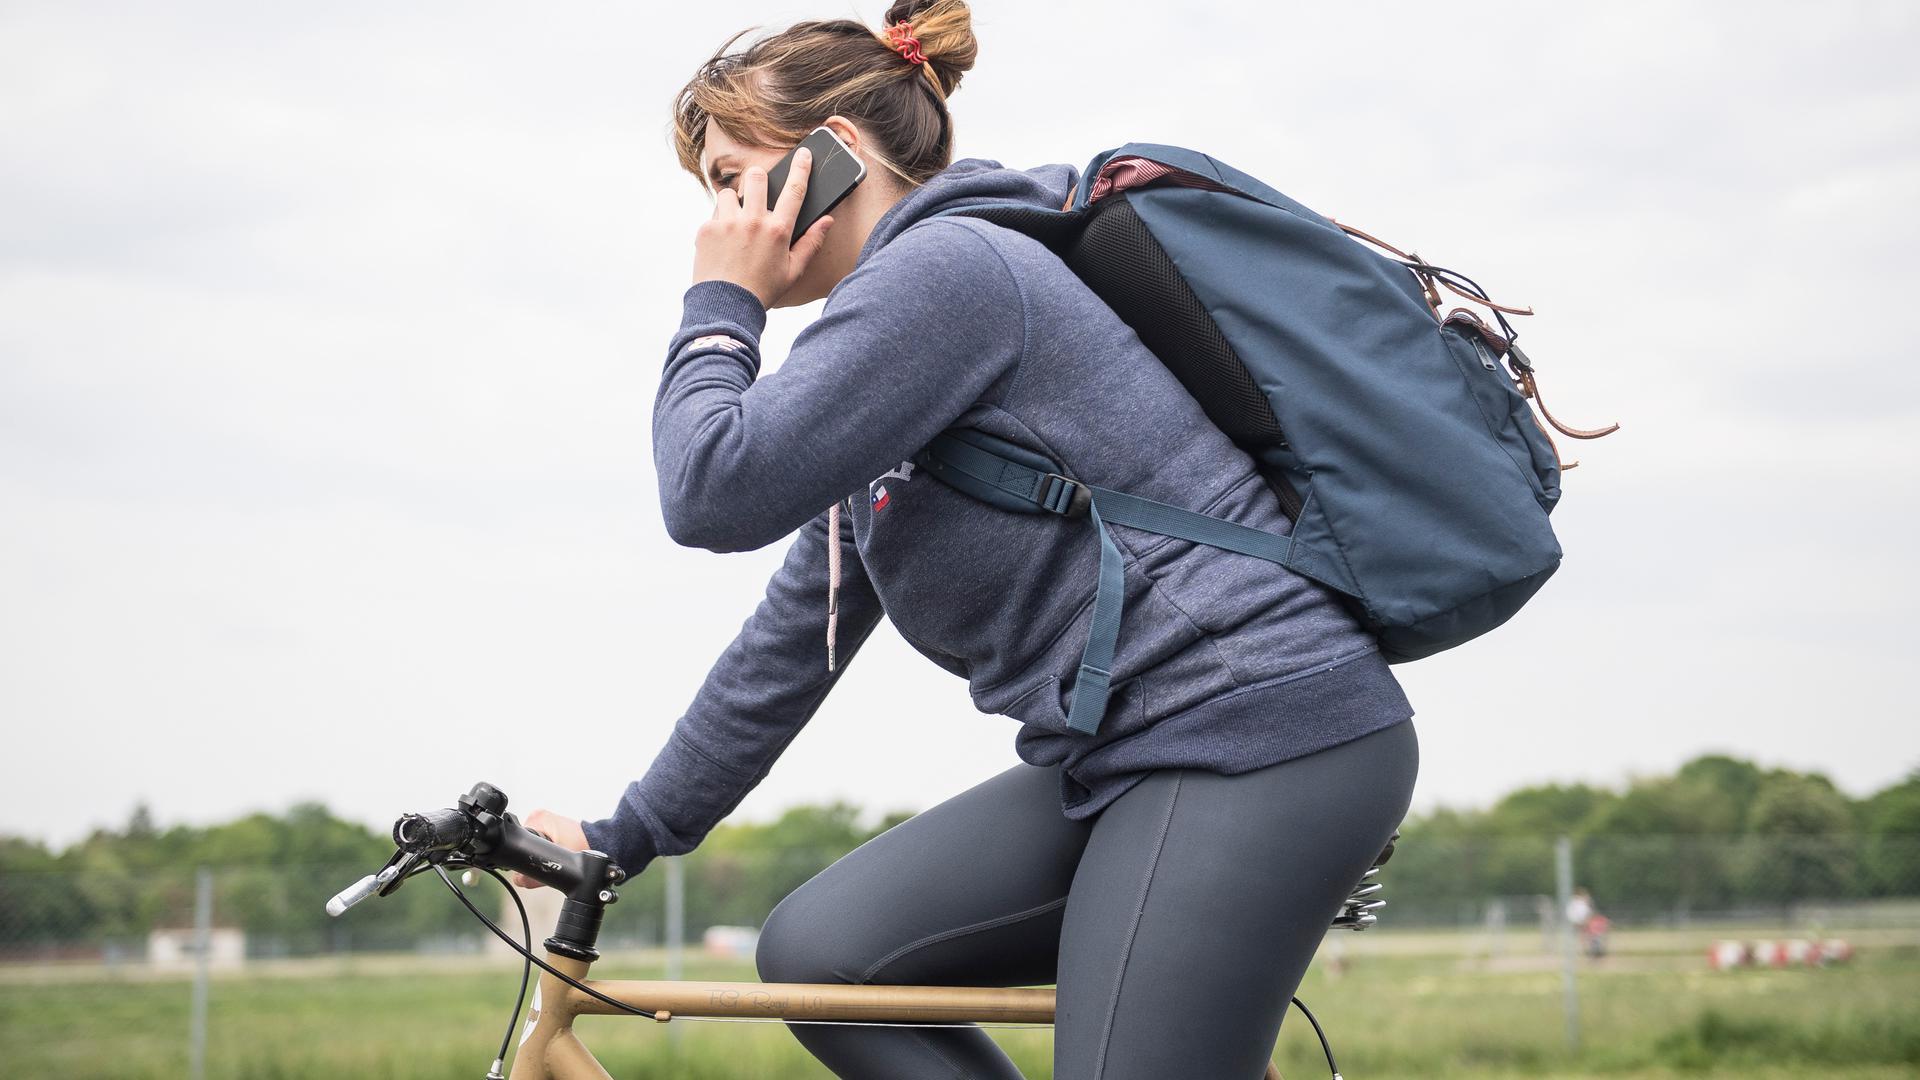 Zum Themendienst-Bericht vom 19. Februar 2021:Nein, so lieber nicht: Fahrradfahren mit Handy am Ohr ist gefährlich, verboten und kann obendrein teuer werden.